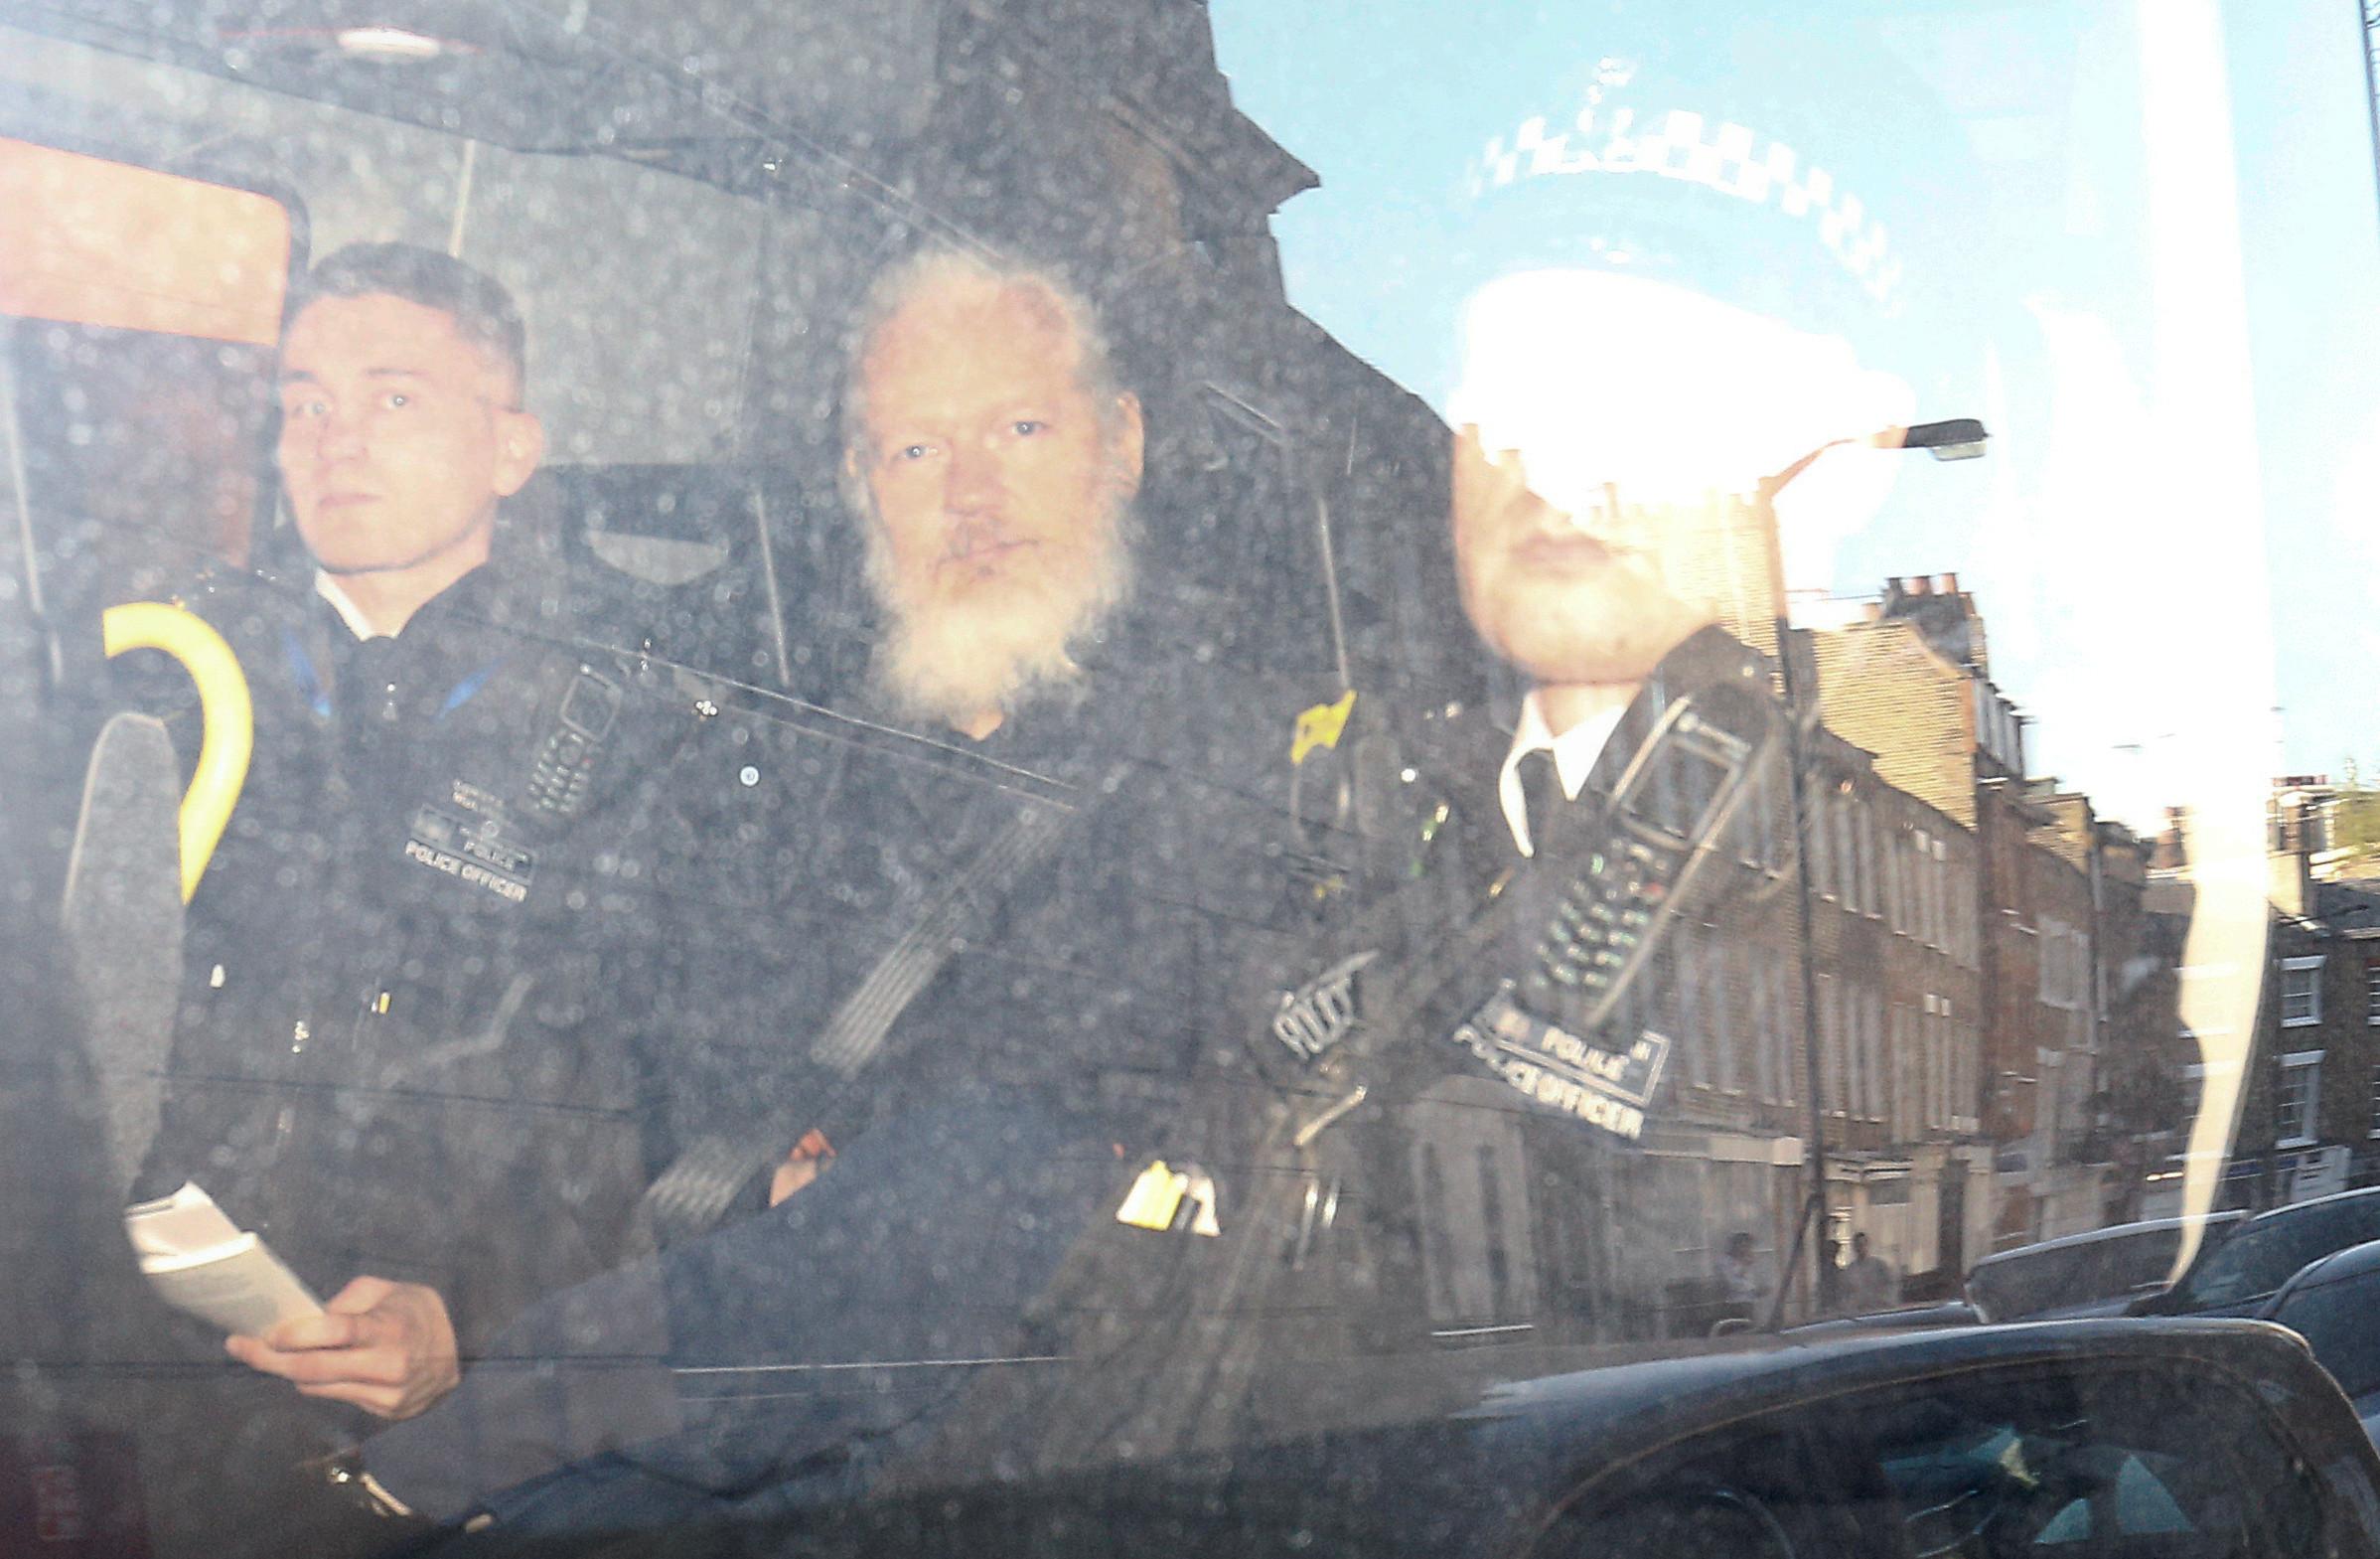 Suécia considera reabrir investigação de Assange em caso de violação